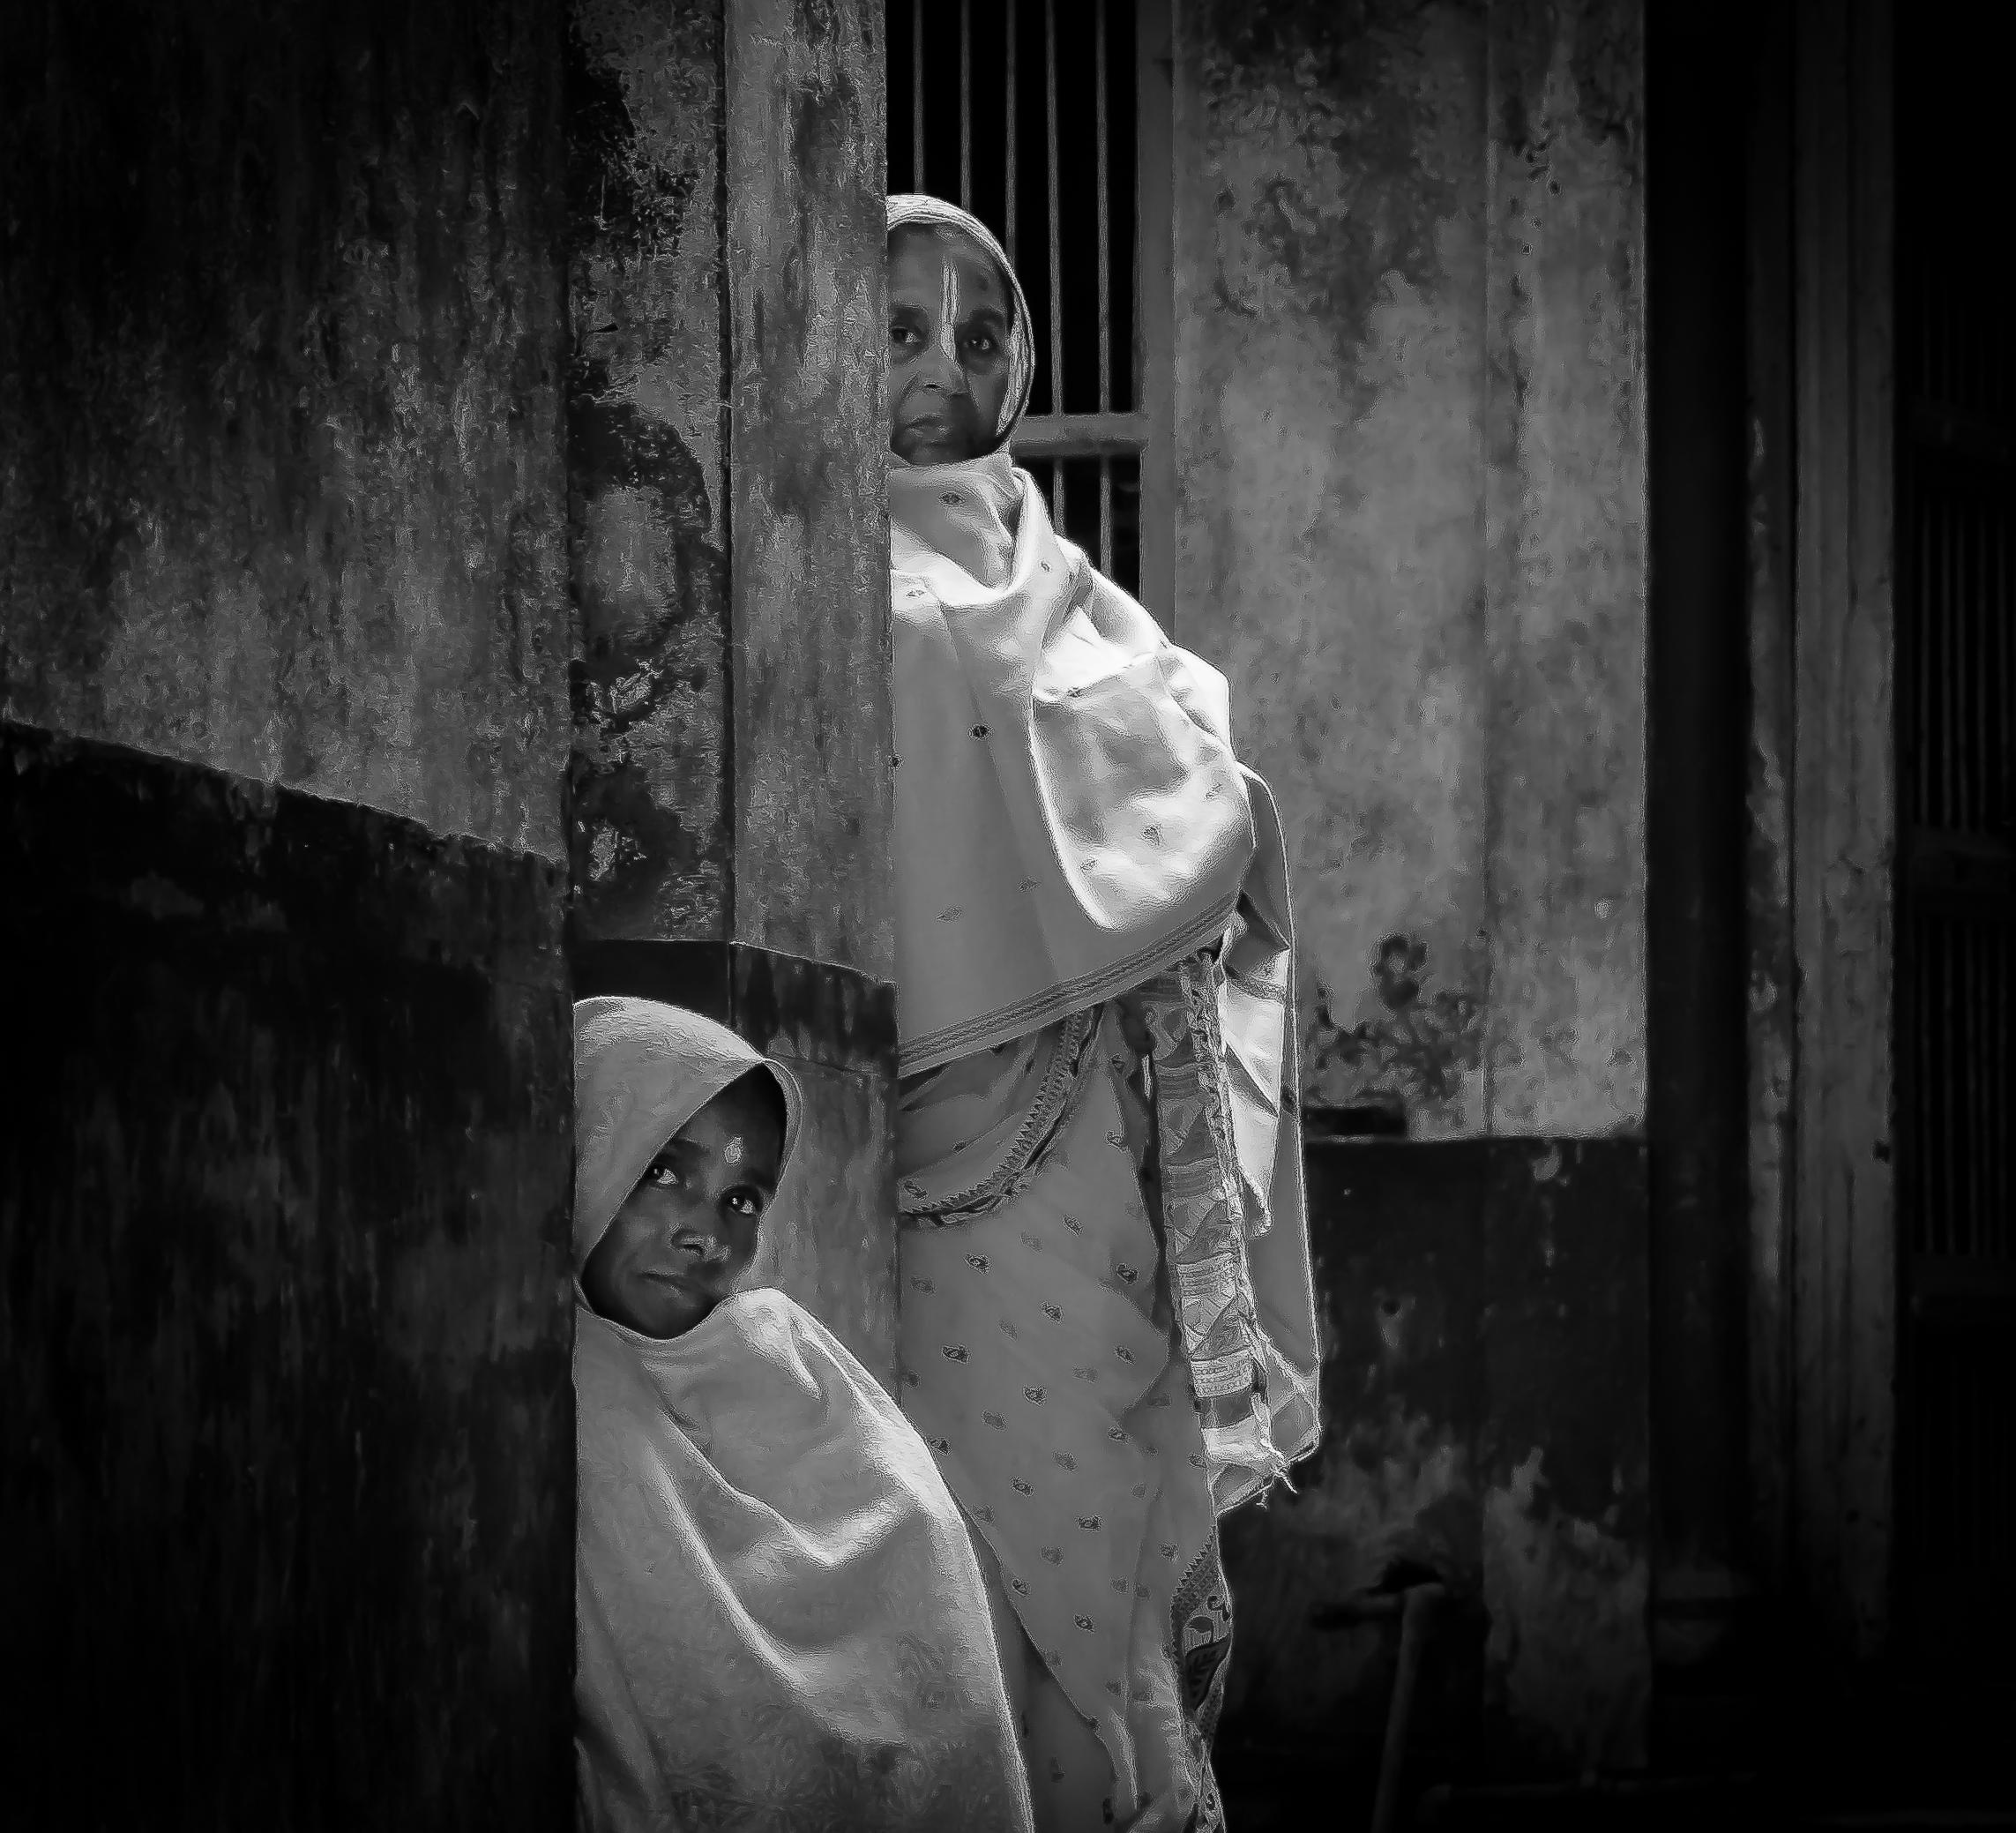 Vrindavan, India | Monochrome Monday